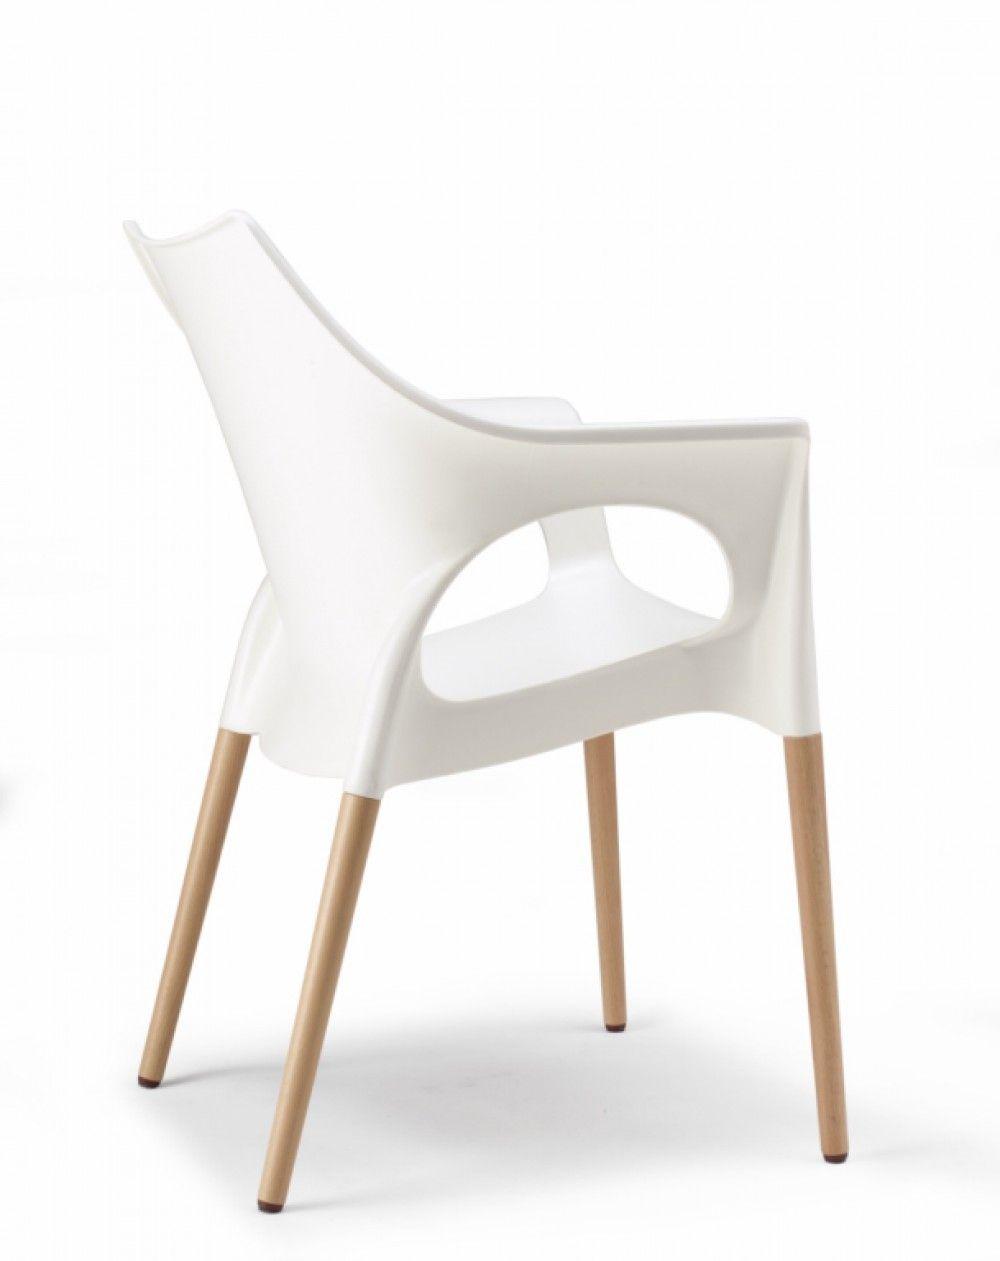 Stuhl Weiss Stuhl Mit Armlehne Weiss Kunststoff Stuhl Mit Armlehne Weisse Stuhle Stuhle